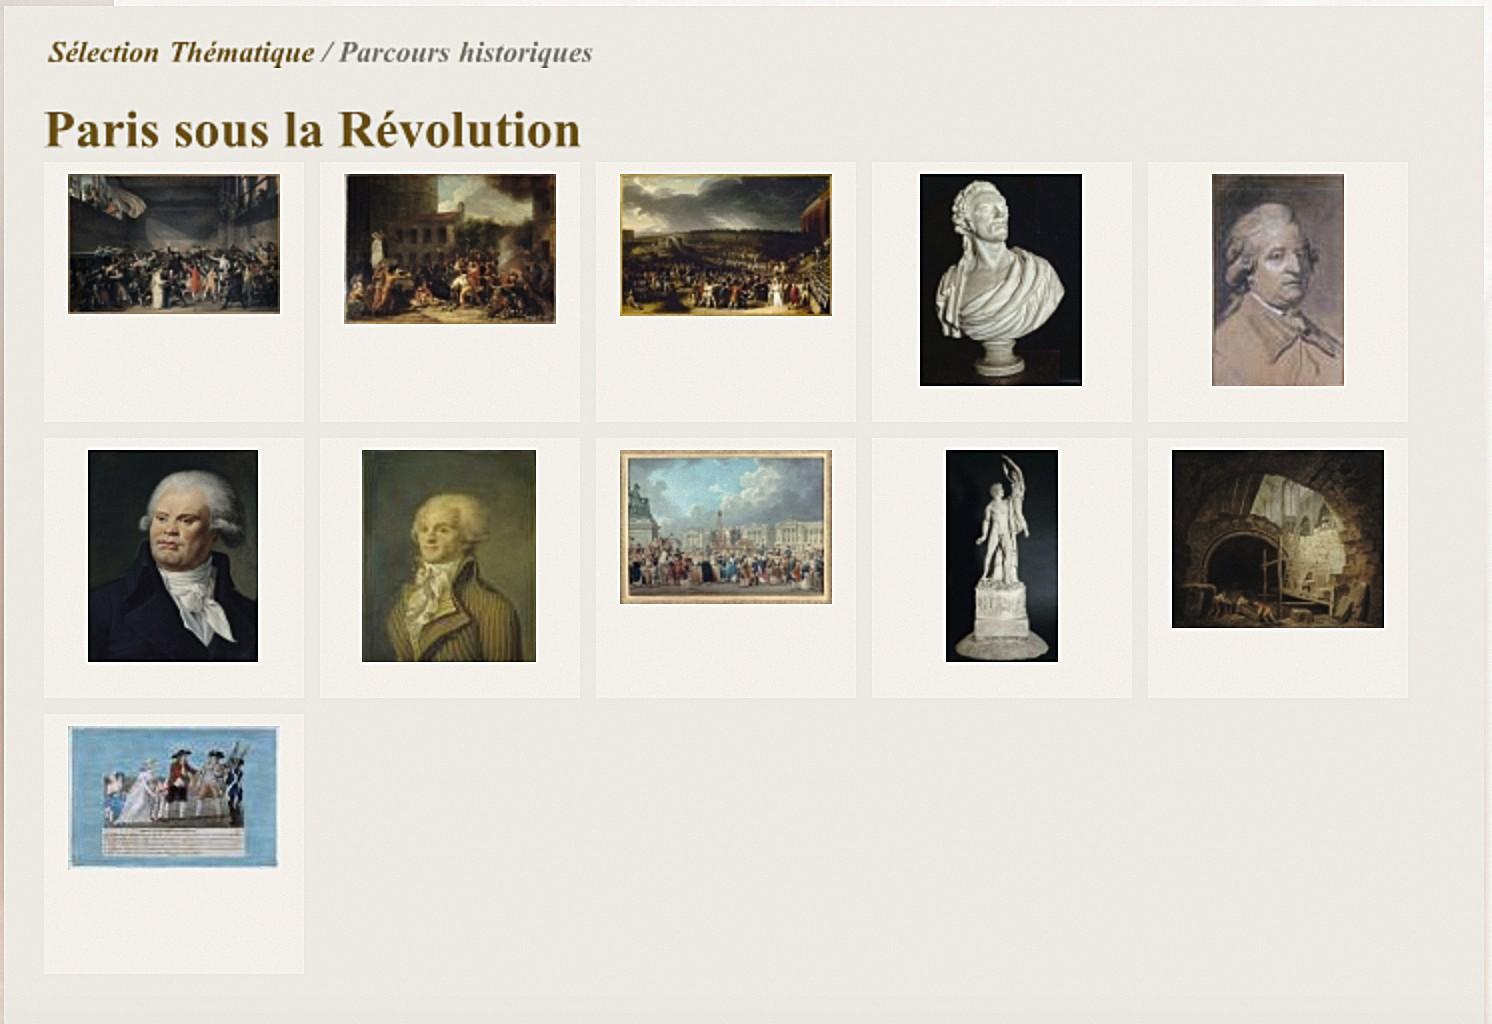 « Paris sous la Révolution », musée Carnavalet.